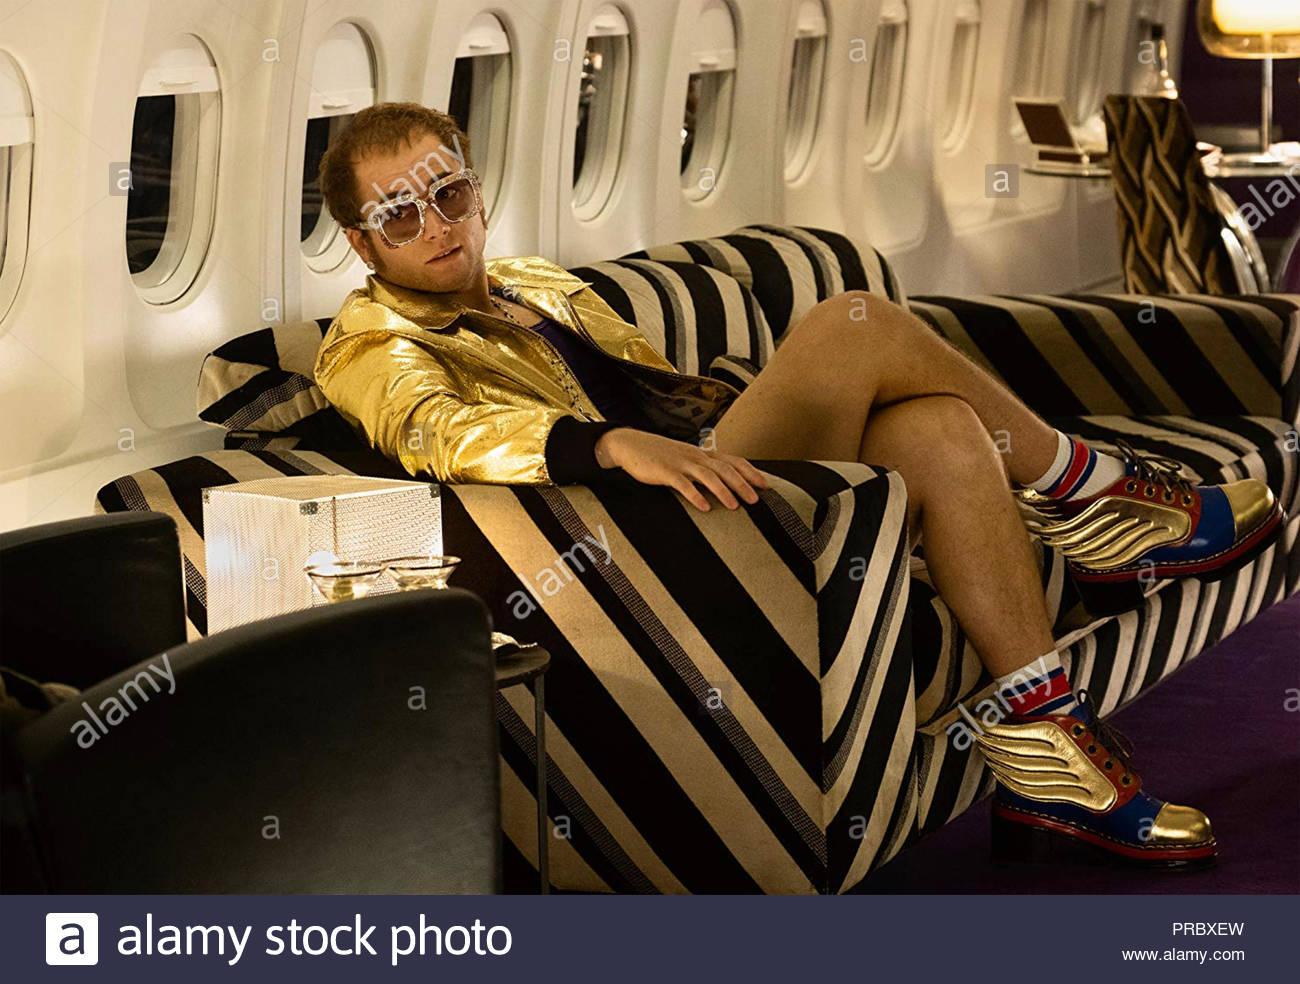 ROICKETMAN  2019 Paramount Pictures film with Taron Egerton as Elton John - Stock Image